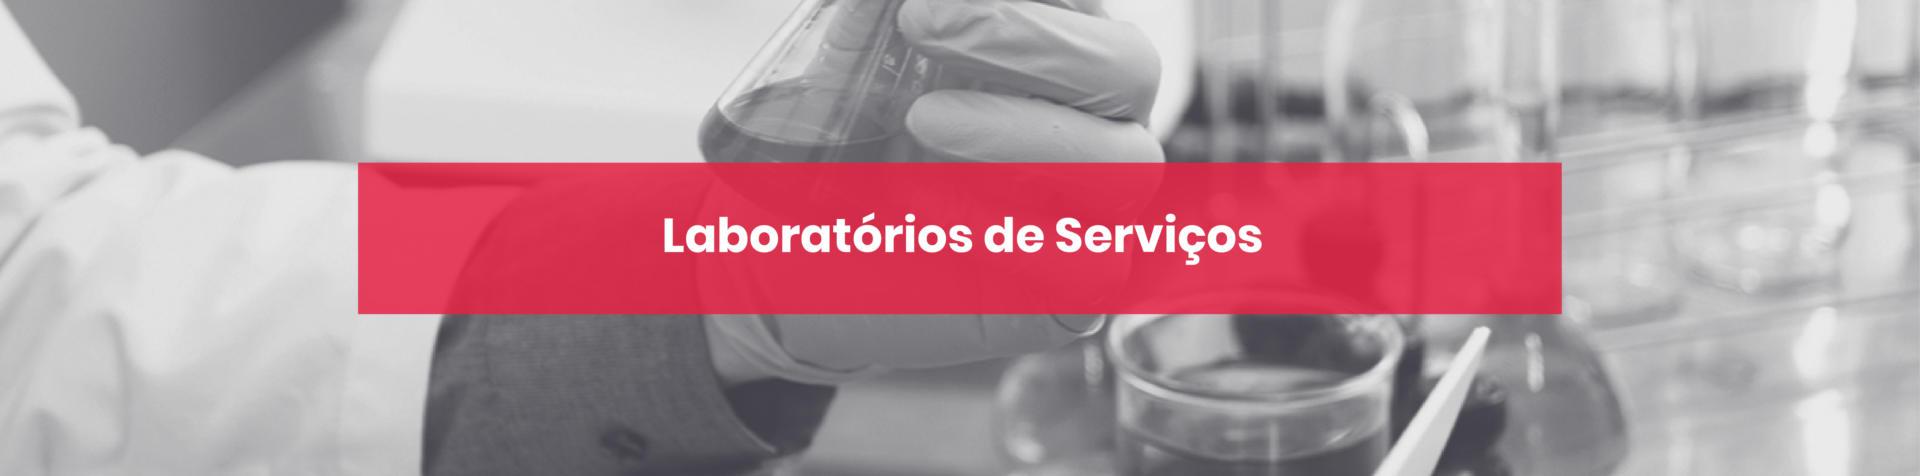 Laboratórios de Serviços